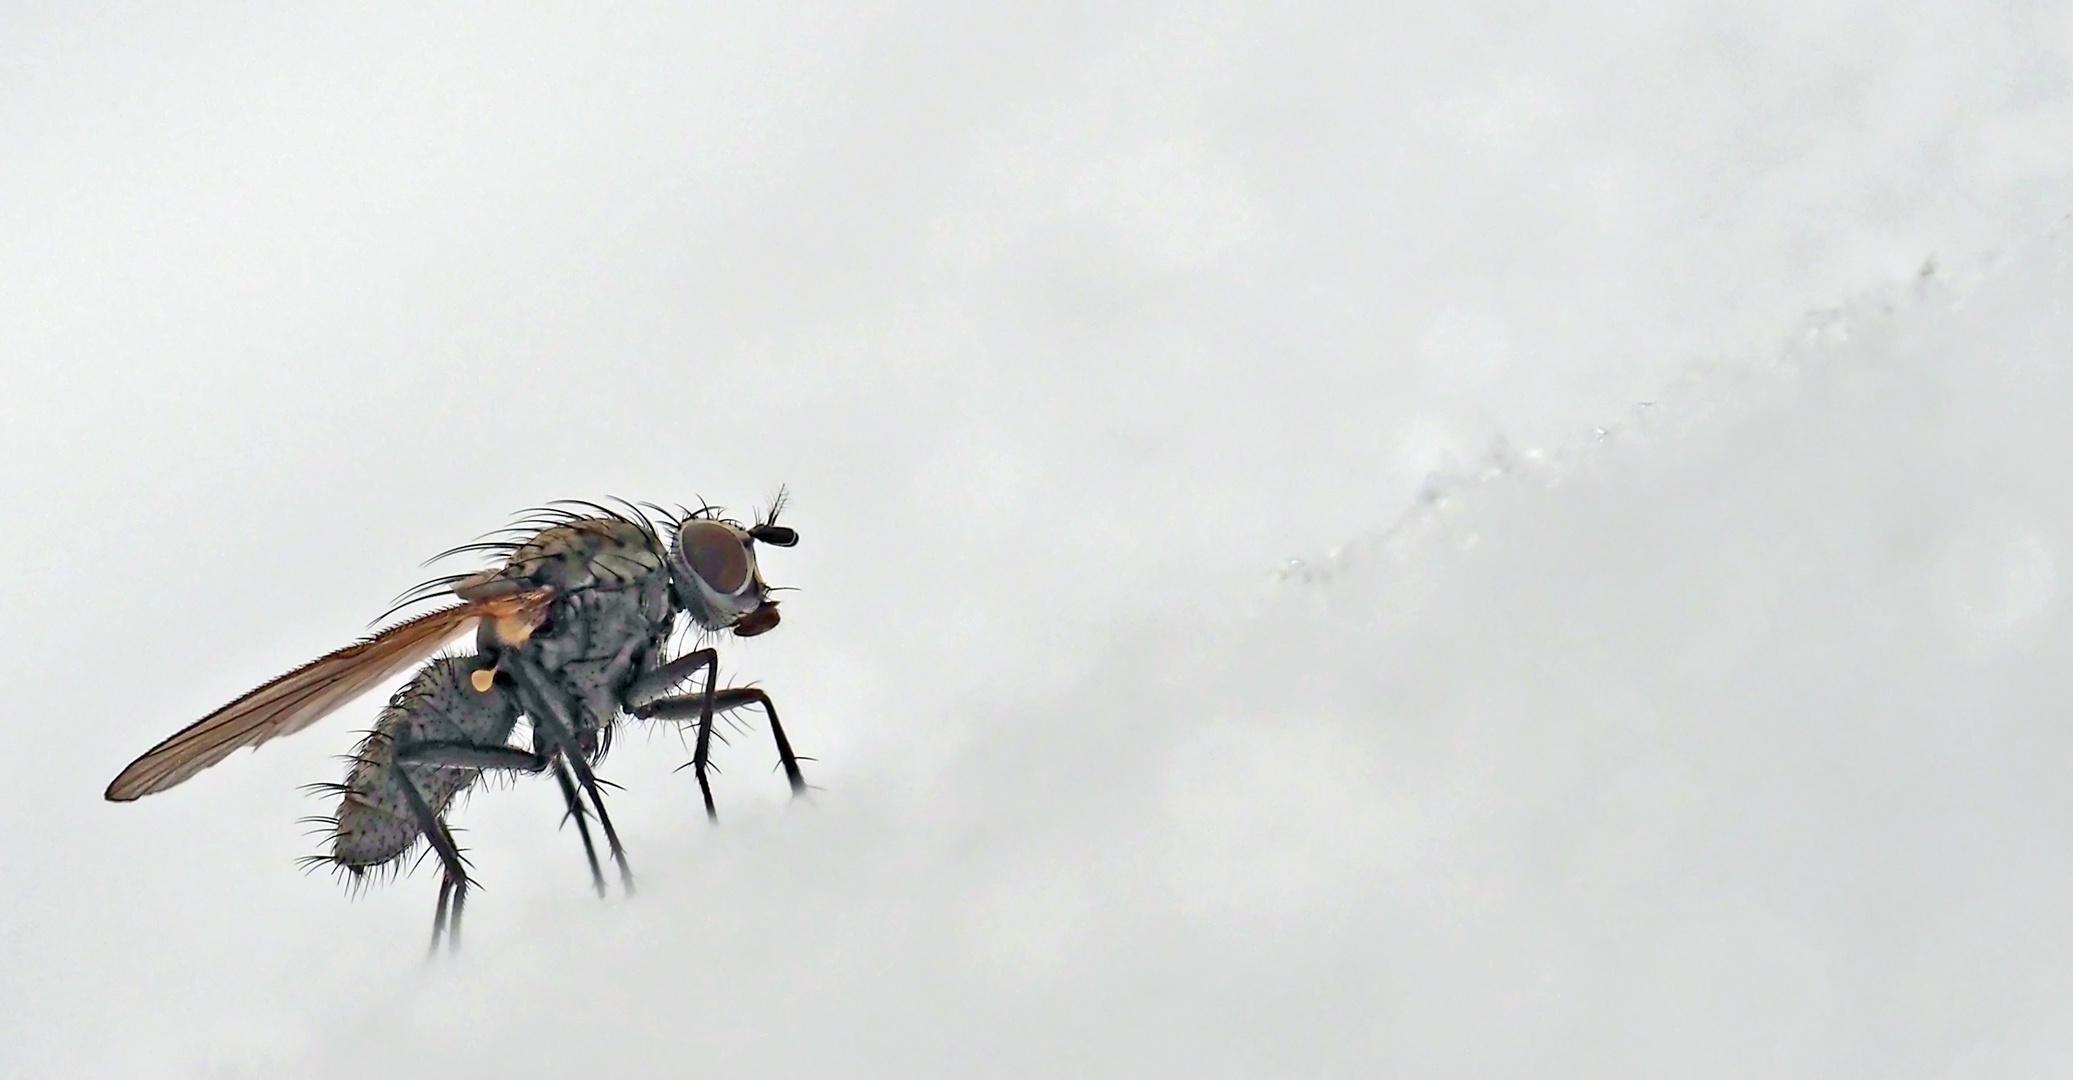 Winterfreuden einer Fliege... - La joie de vivre d'une mouche.